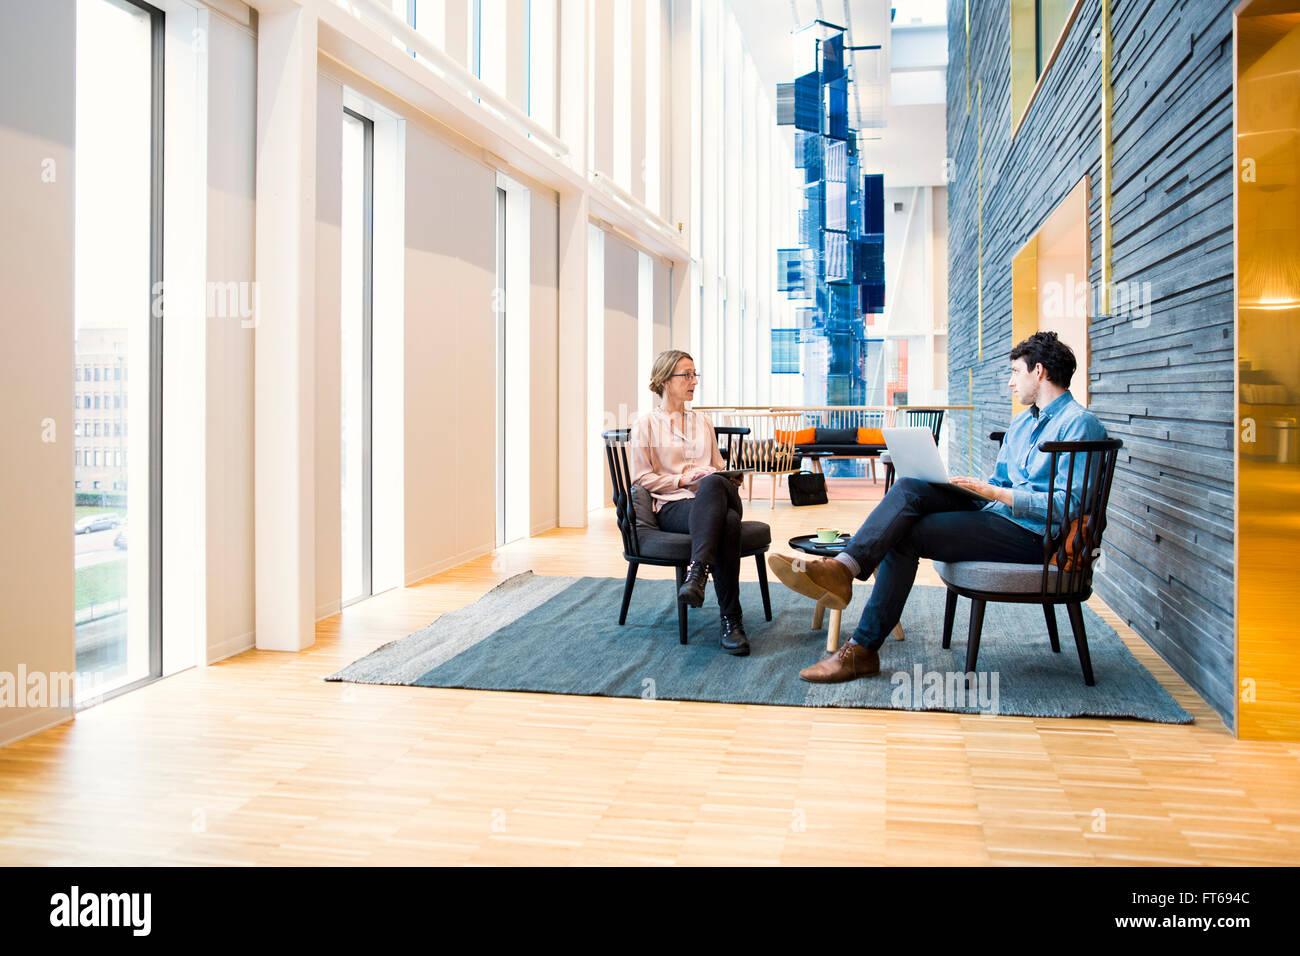 Longueur pleine de gens d'affaires de discuter en réunion au hall de l'hôtel Photo Stock